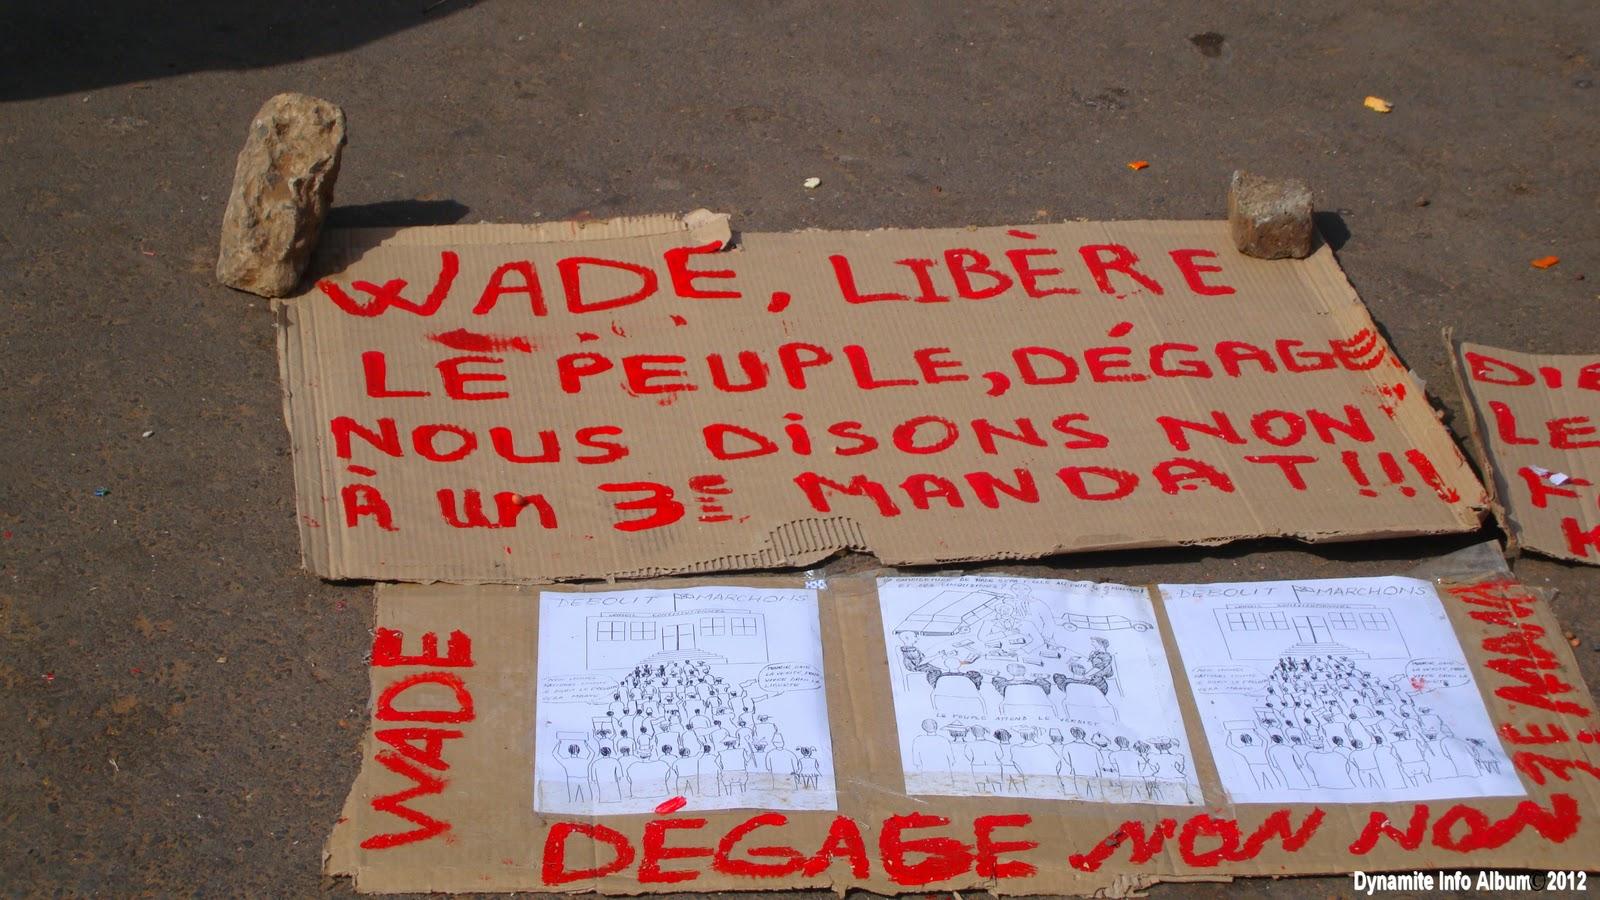 Mardi de tous les dangers au Sénégal : Menaces d'attentats, un dépôt d'armes blanches identifié dans un immeuble en ville, des appels téléphoniques suspects interceptés